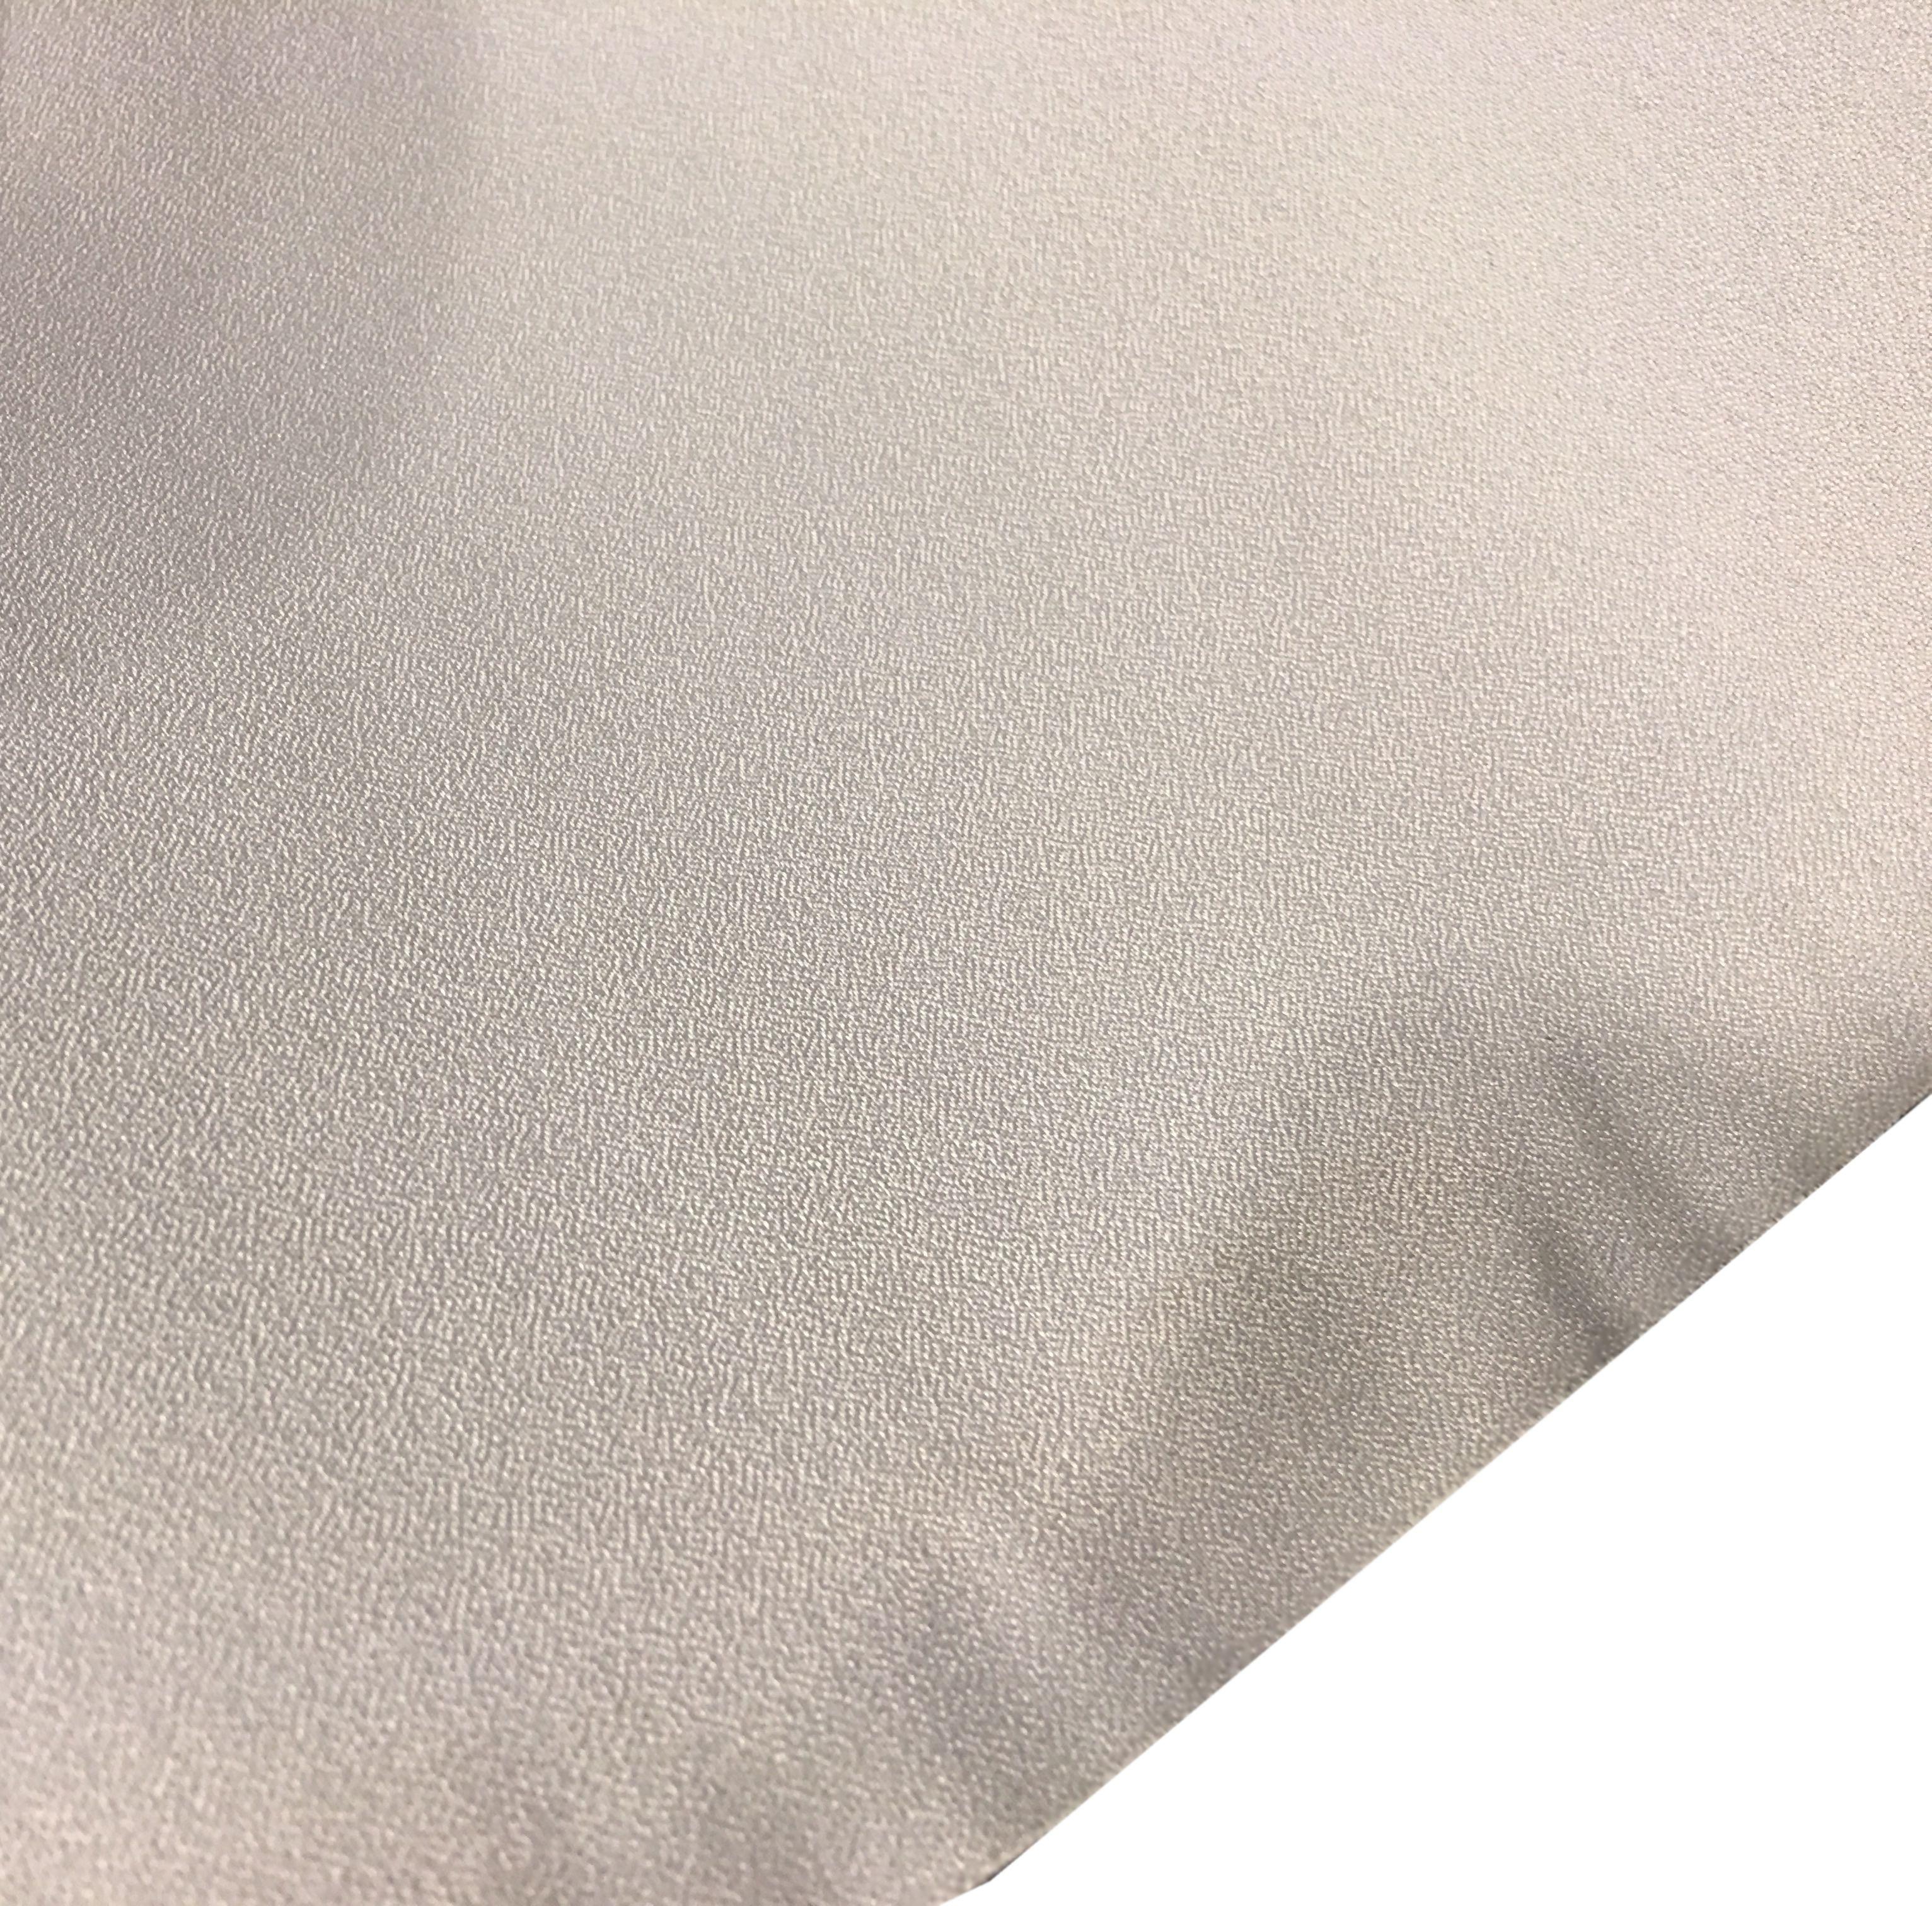 OEM Bakprojeksjonsduk 1x2m lys grå (løpemeter)